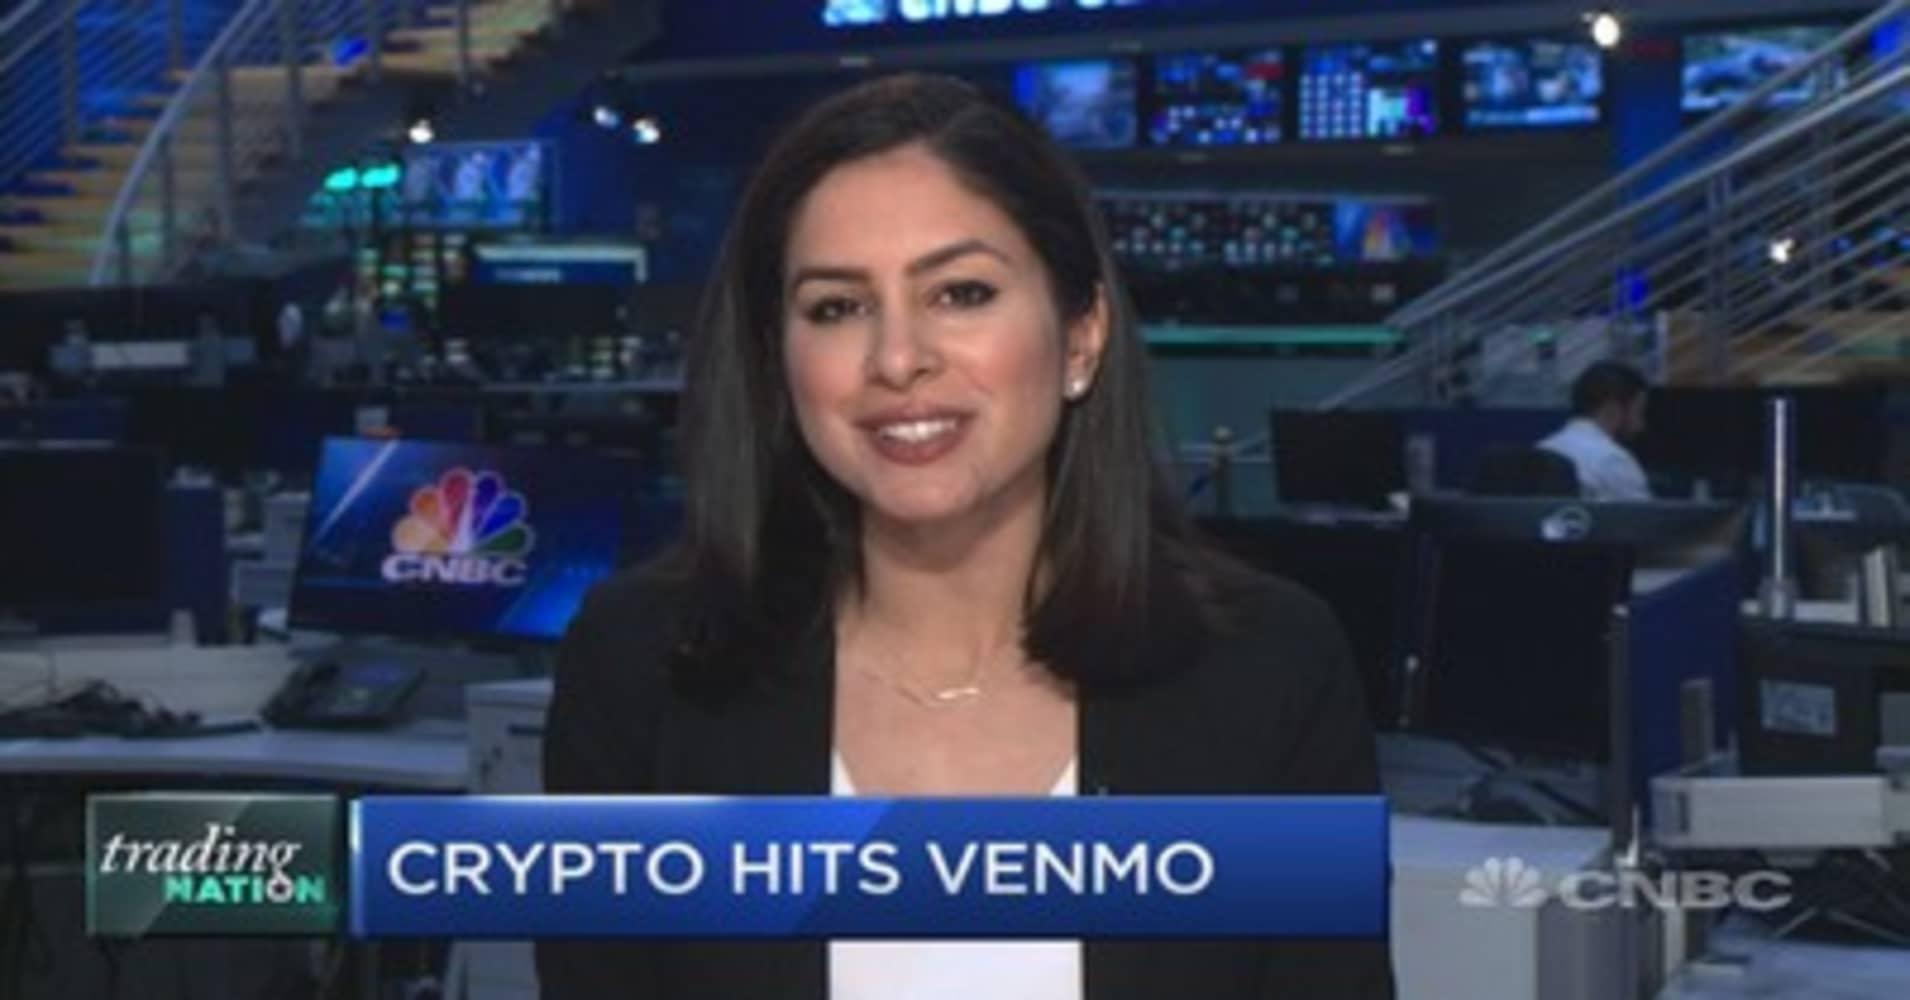 Bitcoinas stabilizuos iki m. 50 tūkst. Dolerių: Neu-Ner - Investavimas